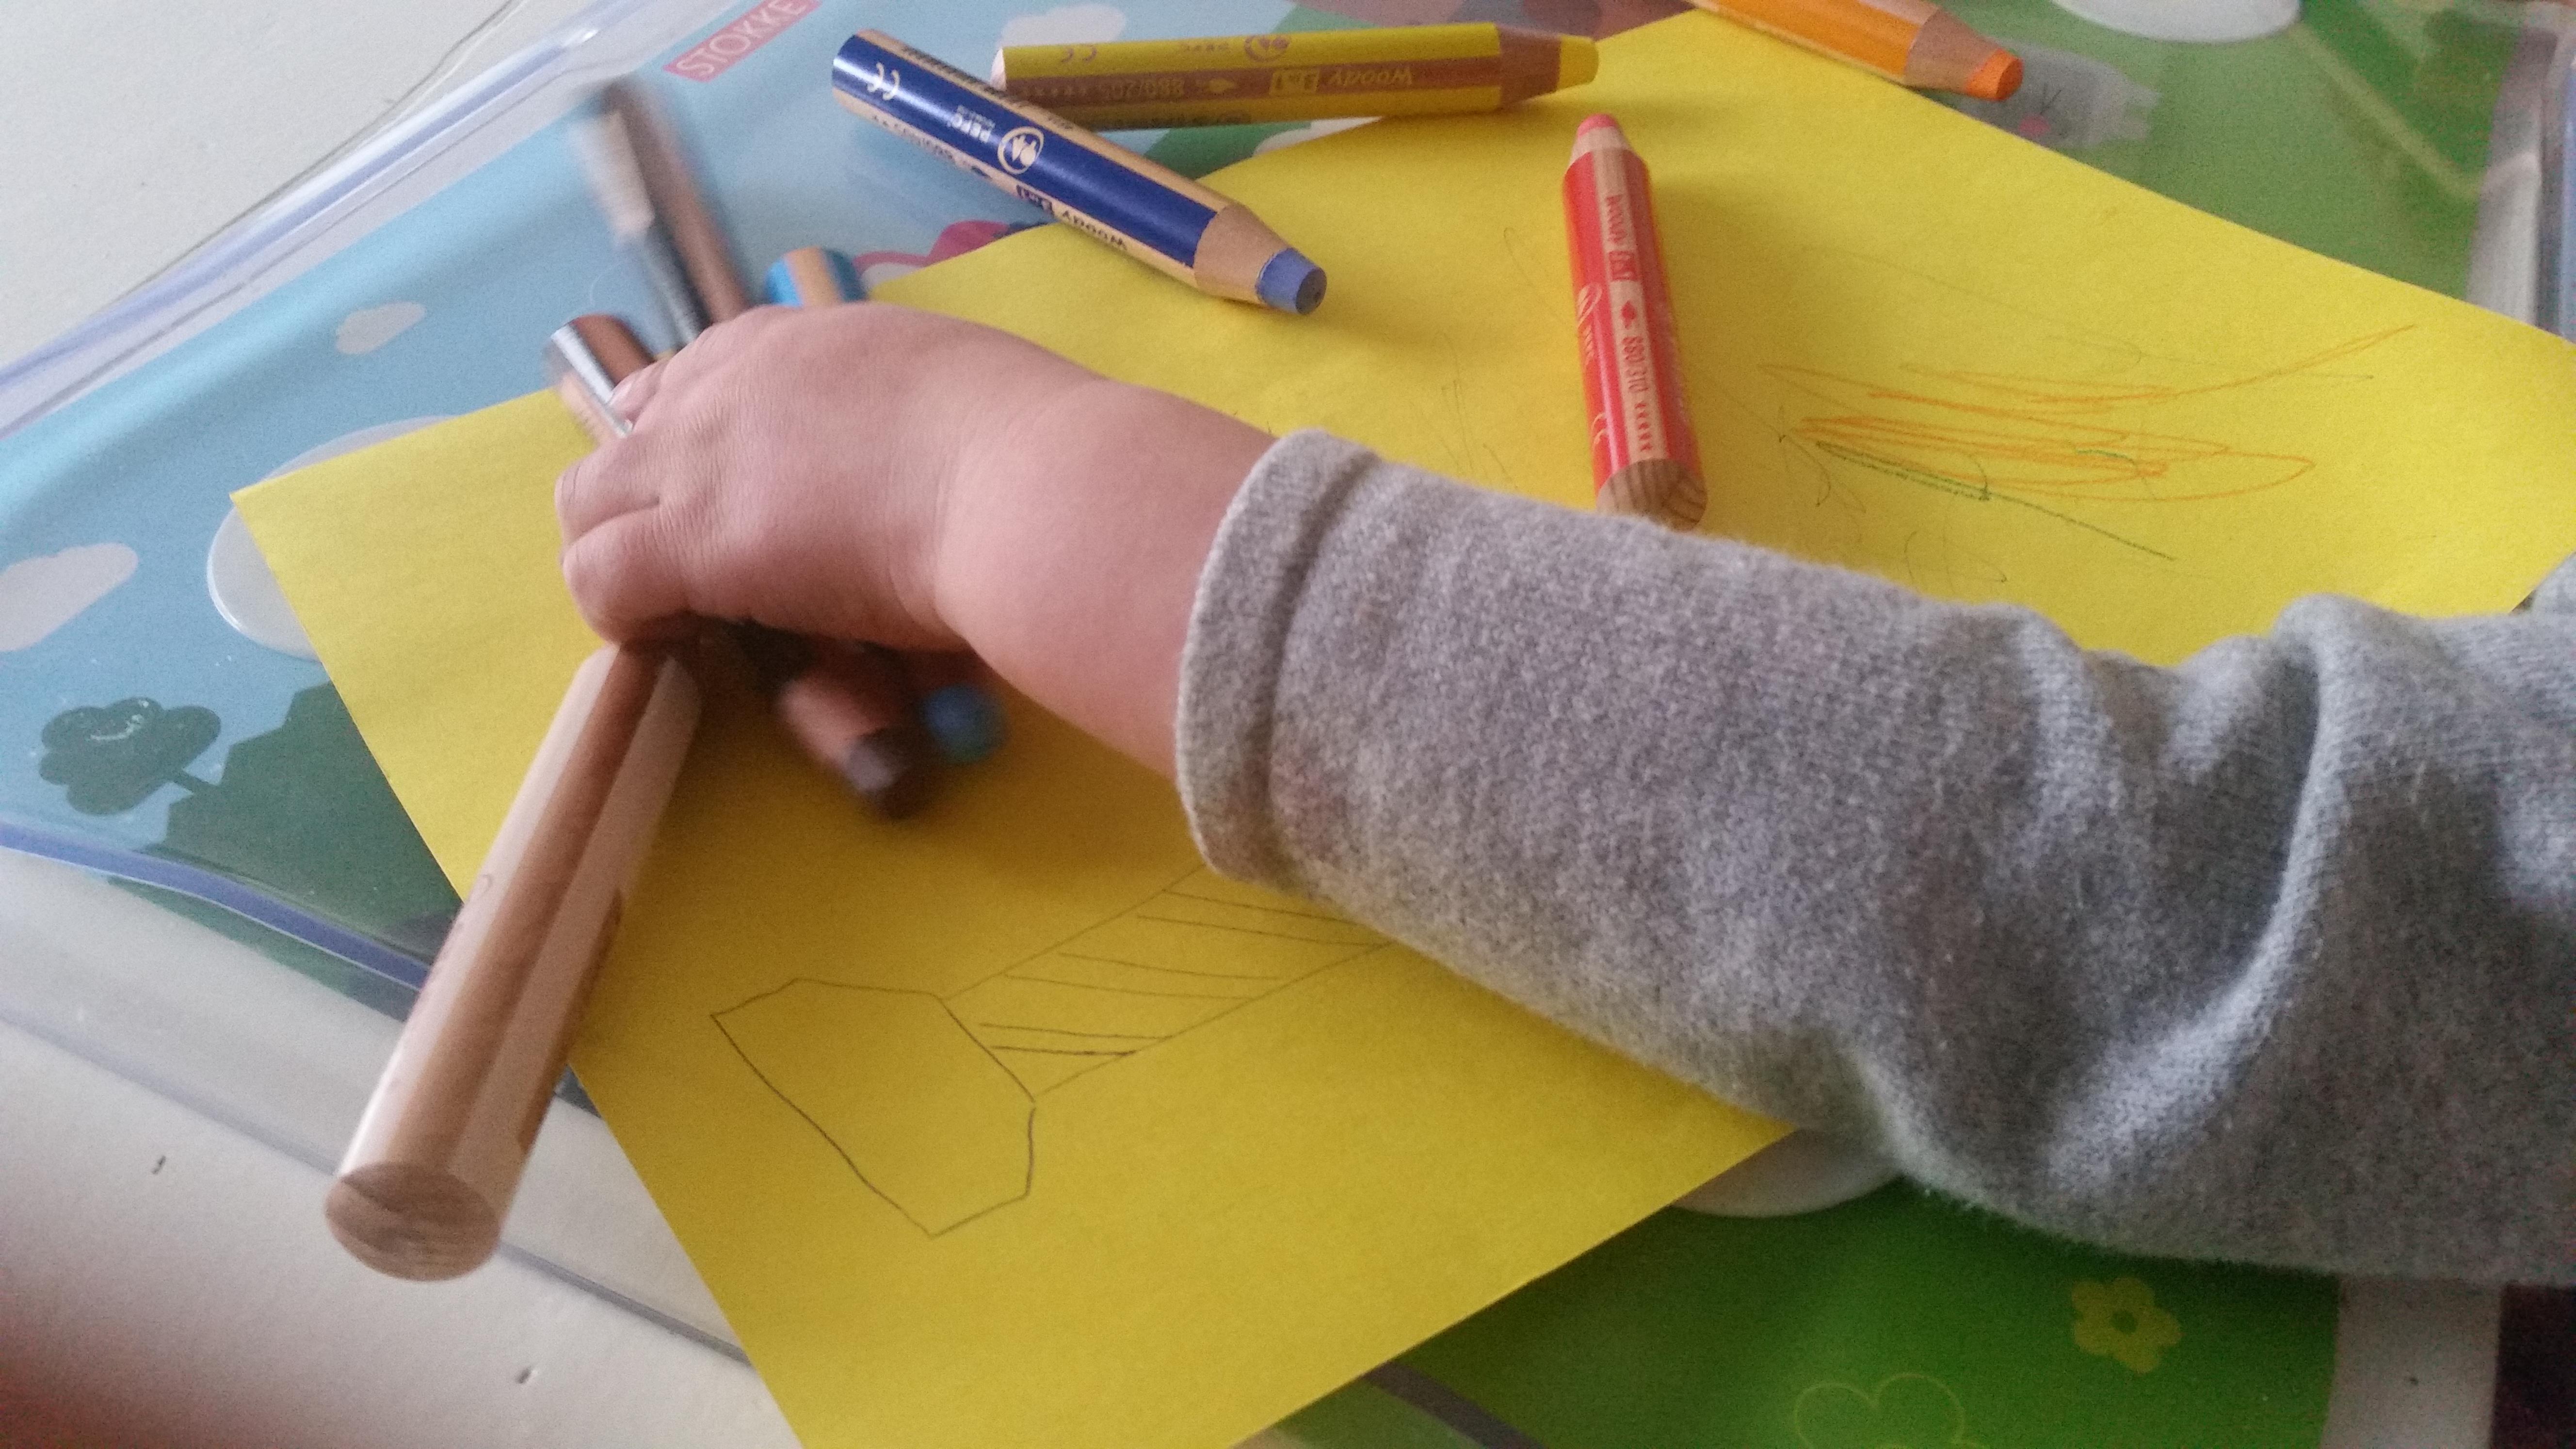 6-16-goed-potloden-goede-dikke-stevige-stabilo-baby-dreumes-peuter-kinderen-knutselen-tekenen-1-jaar-uitwasbaar-heutink-teken-kleuren-nanny-moeder-amsterdam-watergraafsmeer-kleur